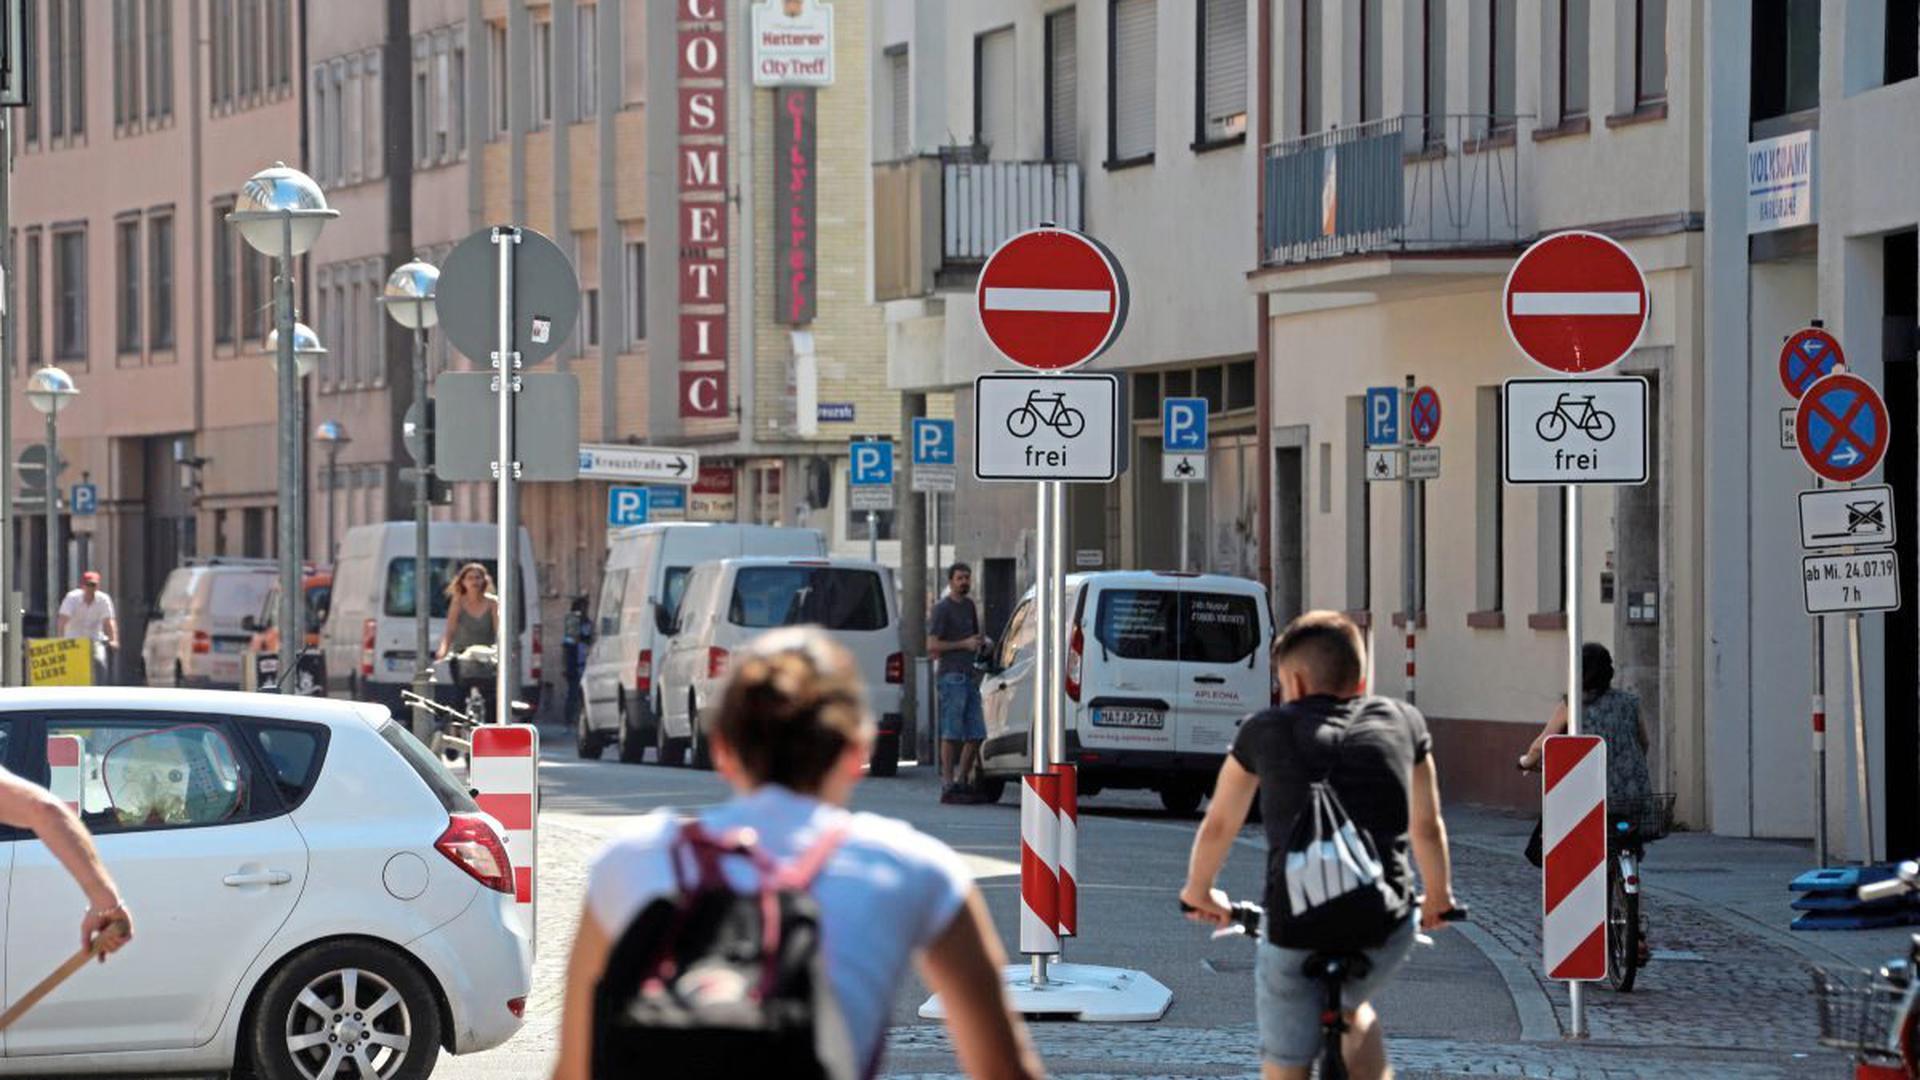 Kein Durchkommen mehr mehr für Autos ist seit Mittwochmorgen im Inneren Zirkel. Die feste Barriere auf Höhe der Mittelachse der Karl-Friedrich-Straße lässt Radlern die freie Bahn, die ihnen die Fahrradstraße eigentlich längst bringen sollte.